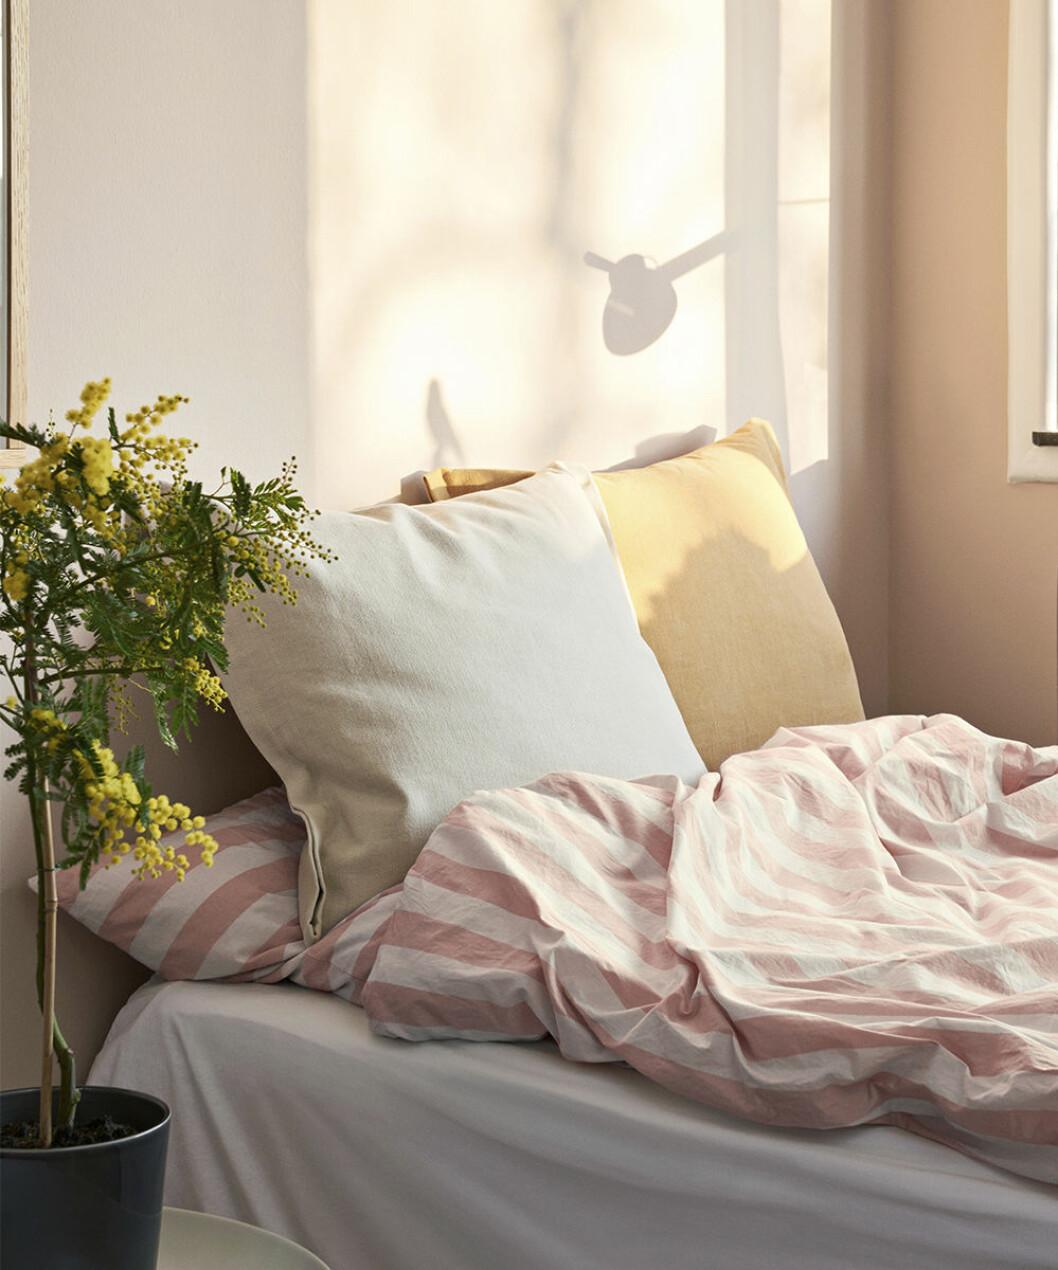 Somriga sängkläder i pastellfärger från Hay